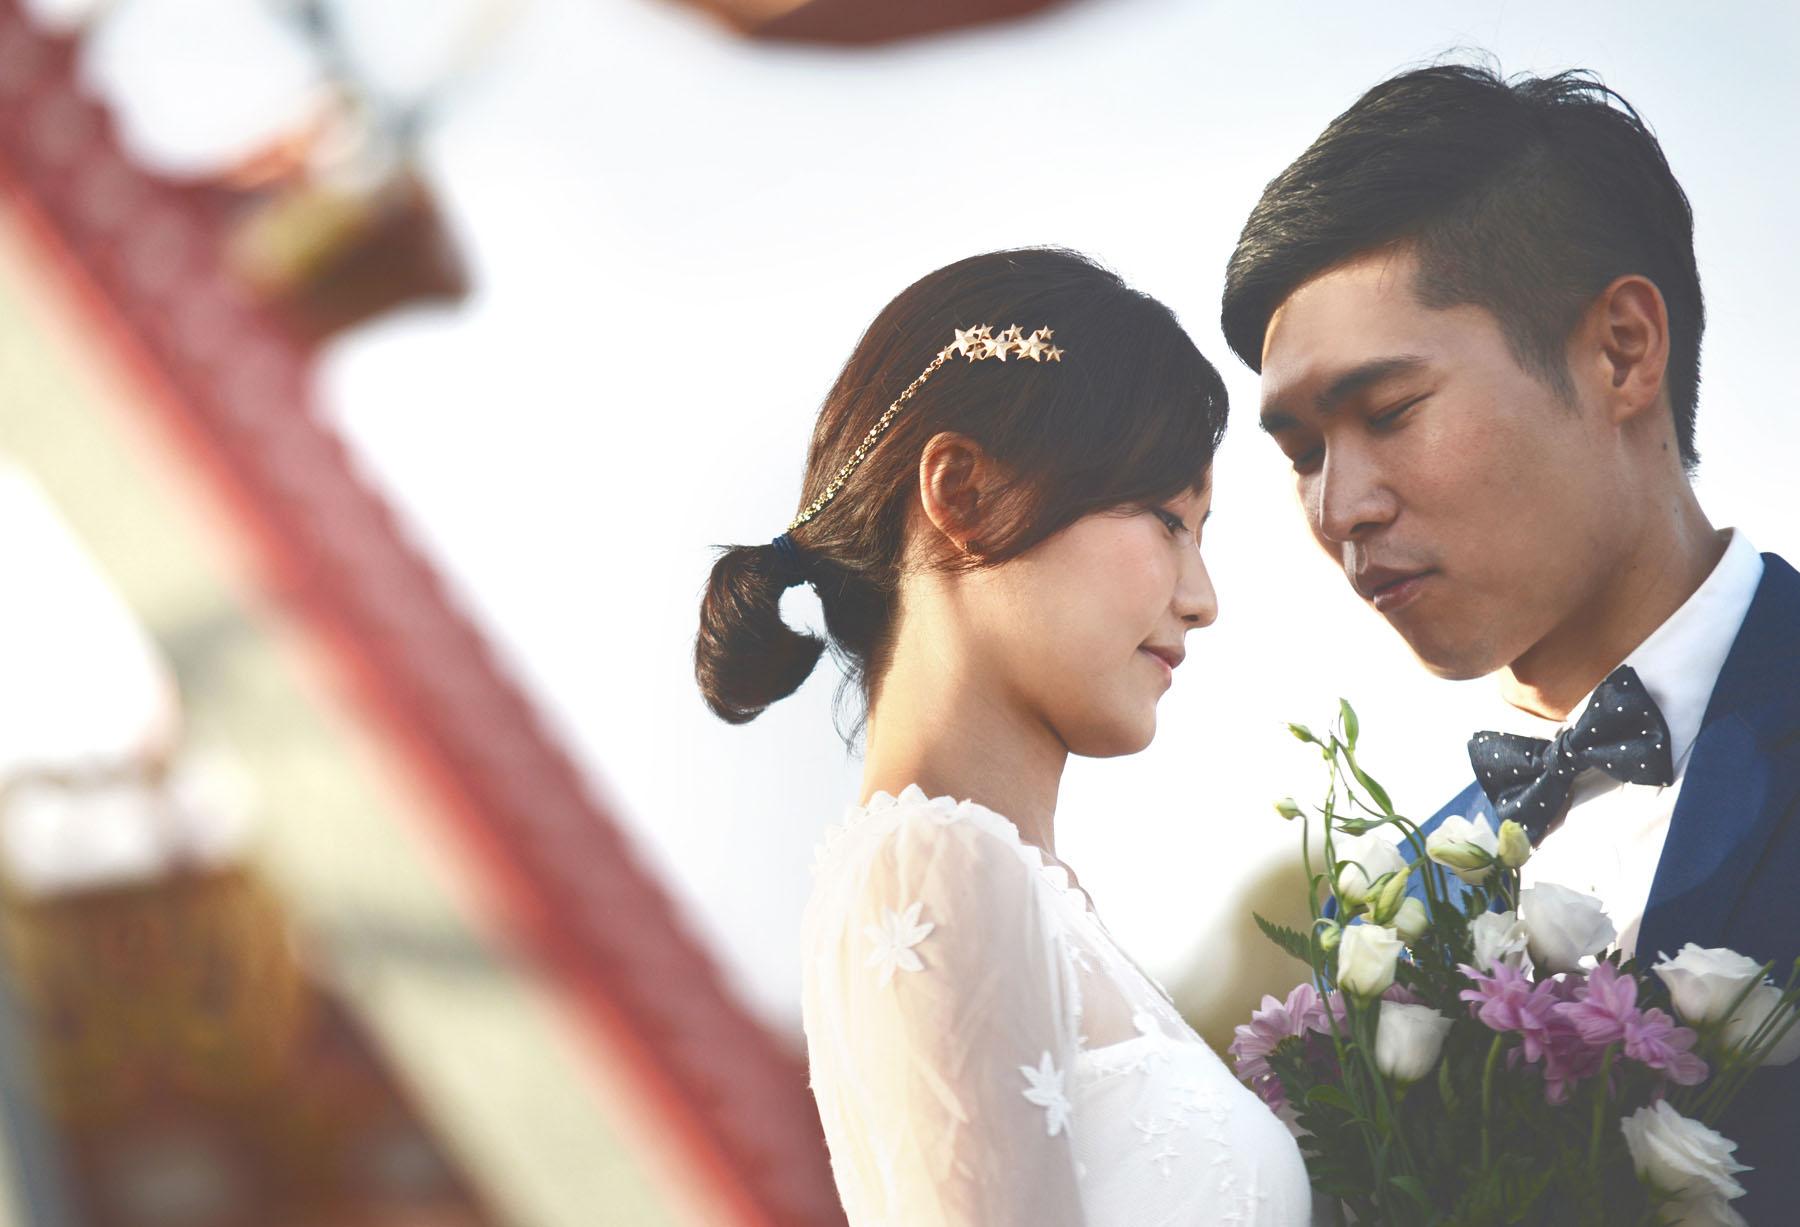 Korean wedding photos